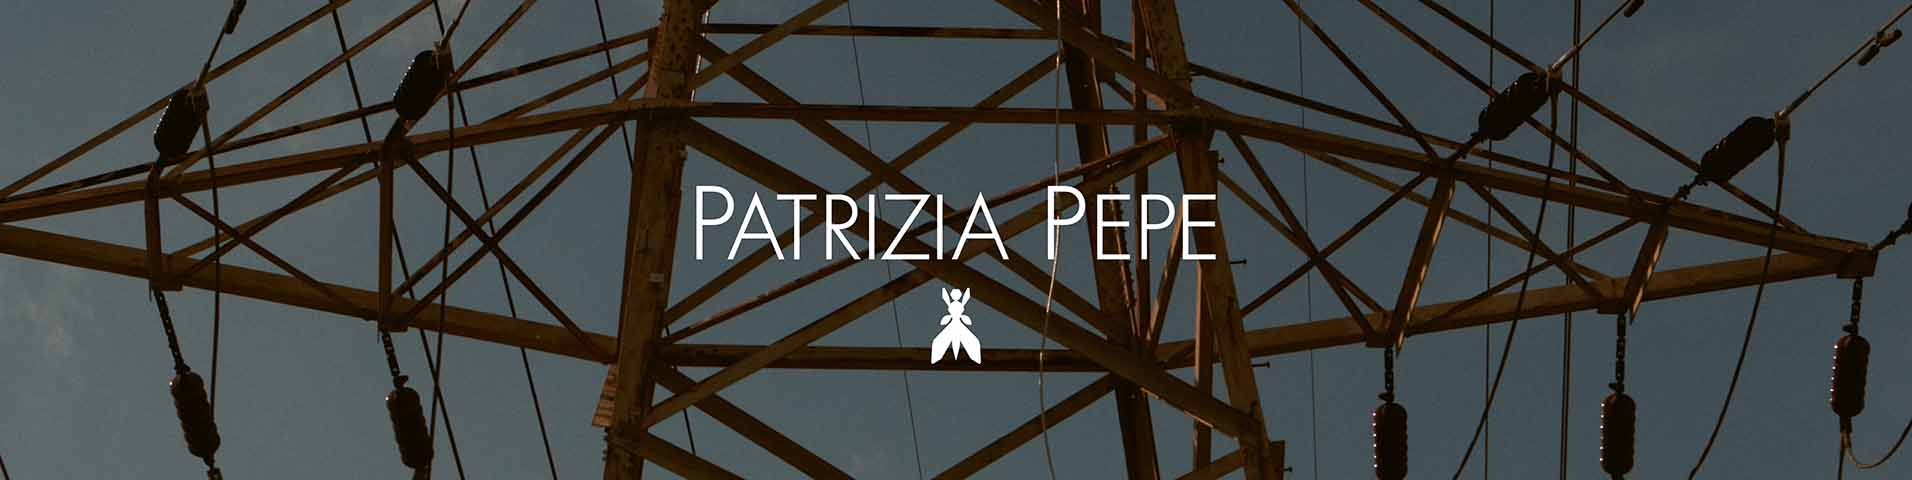 best sneakers 46aa7 3e8c6 Collezione donna Patrizia Pepe   Zalando